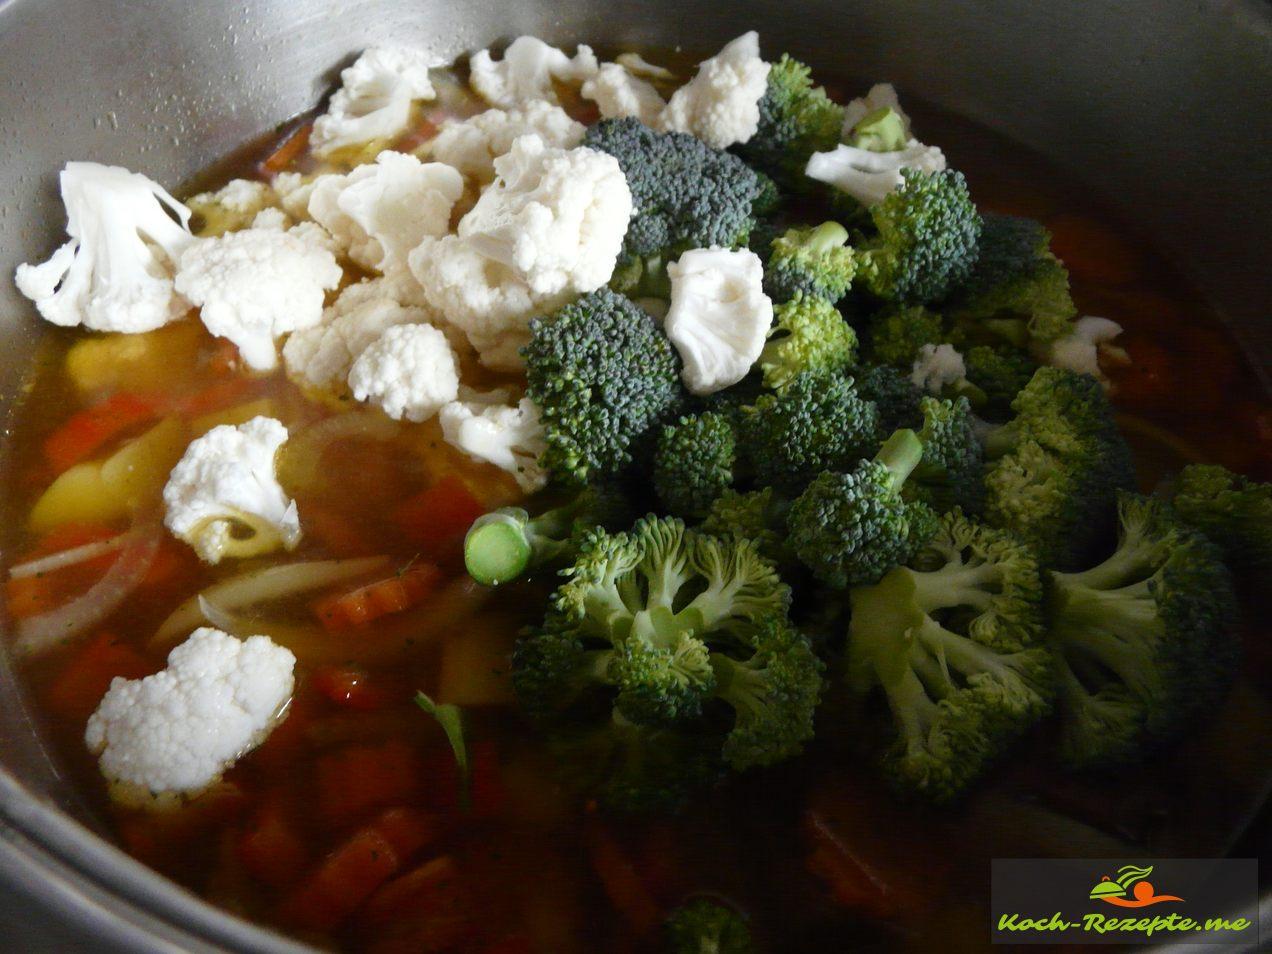 Dann kommen Brokkoli und Blumenkohlröschen in die Suppe  auf kochen für 3 Minuten